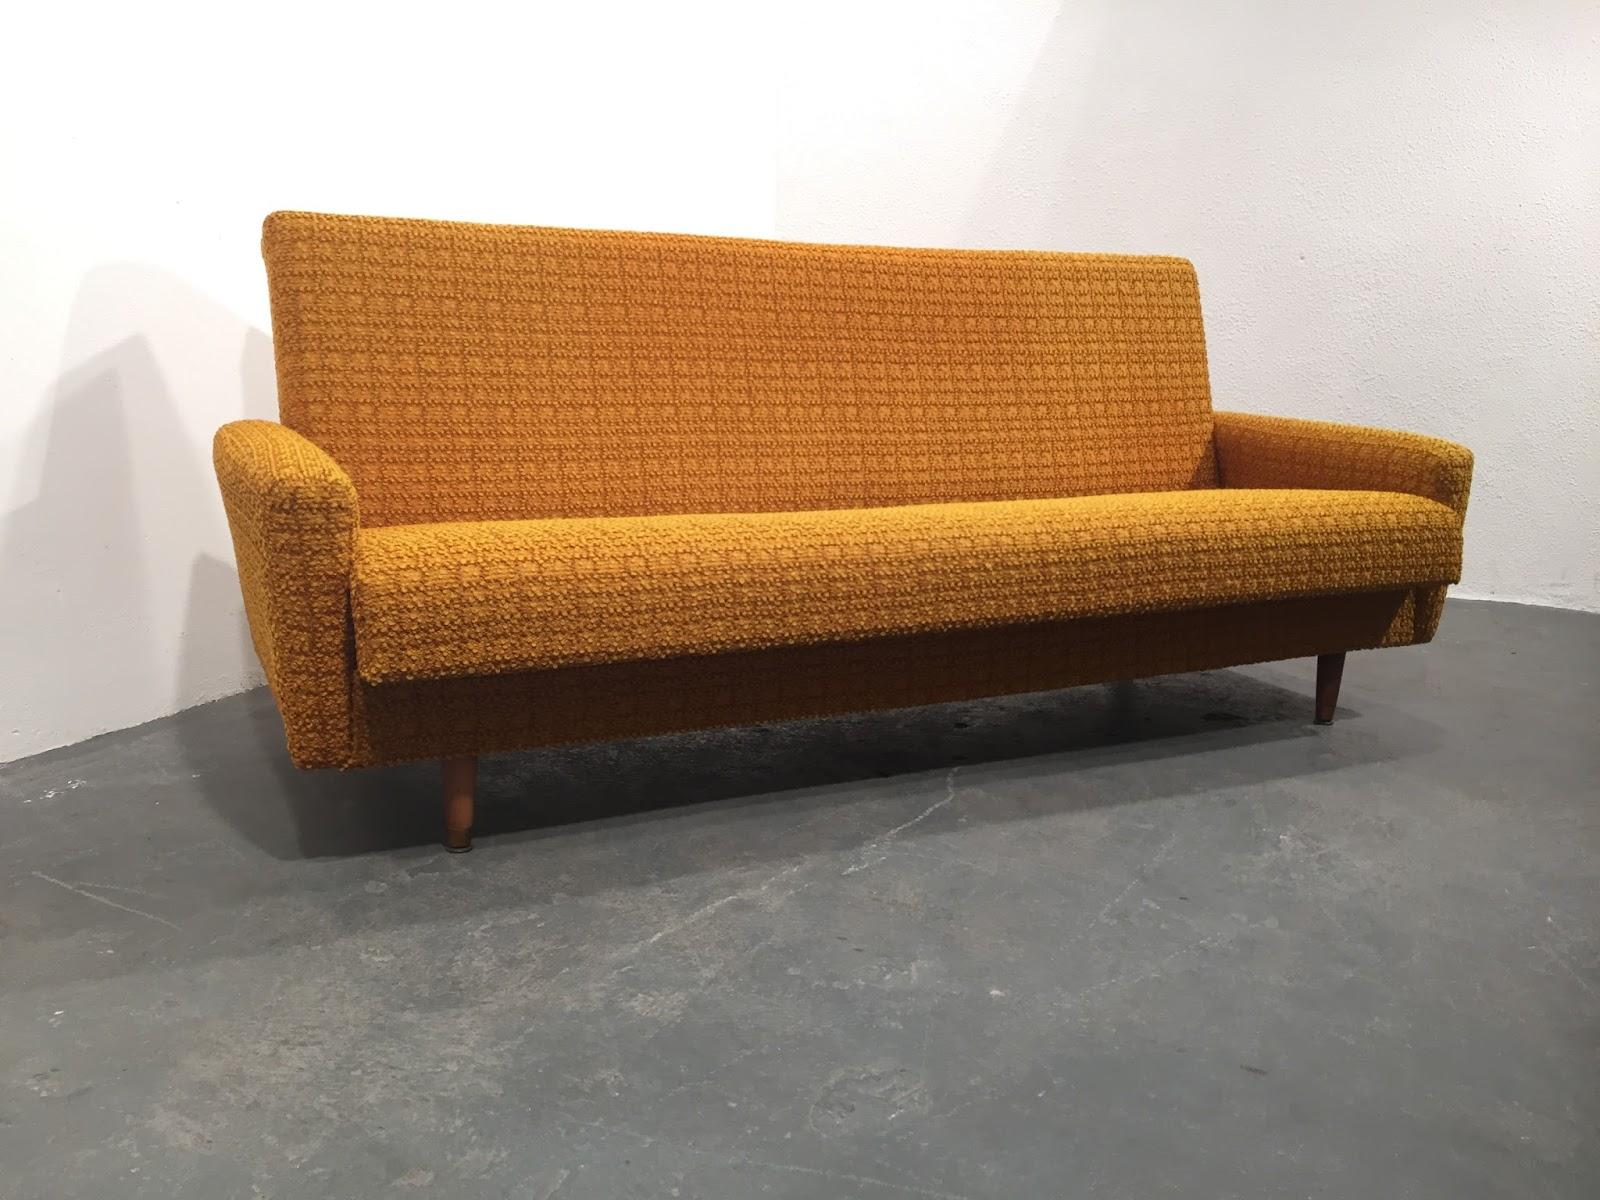 Original Compulsive Design Mid Century Sofabed